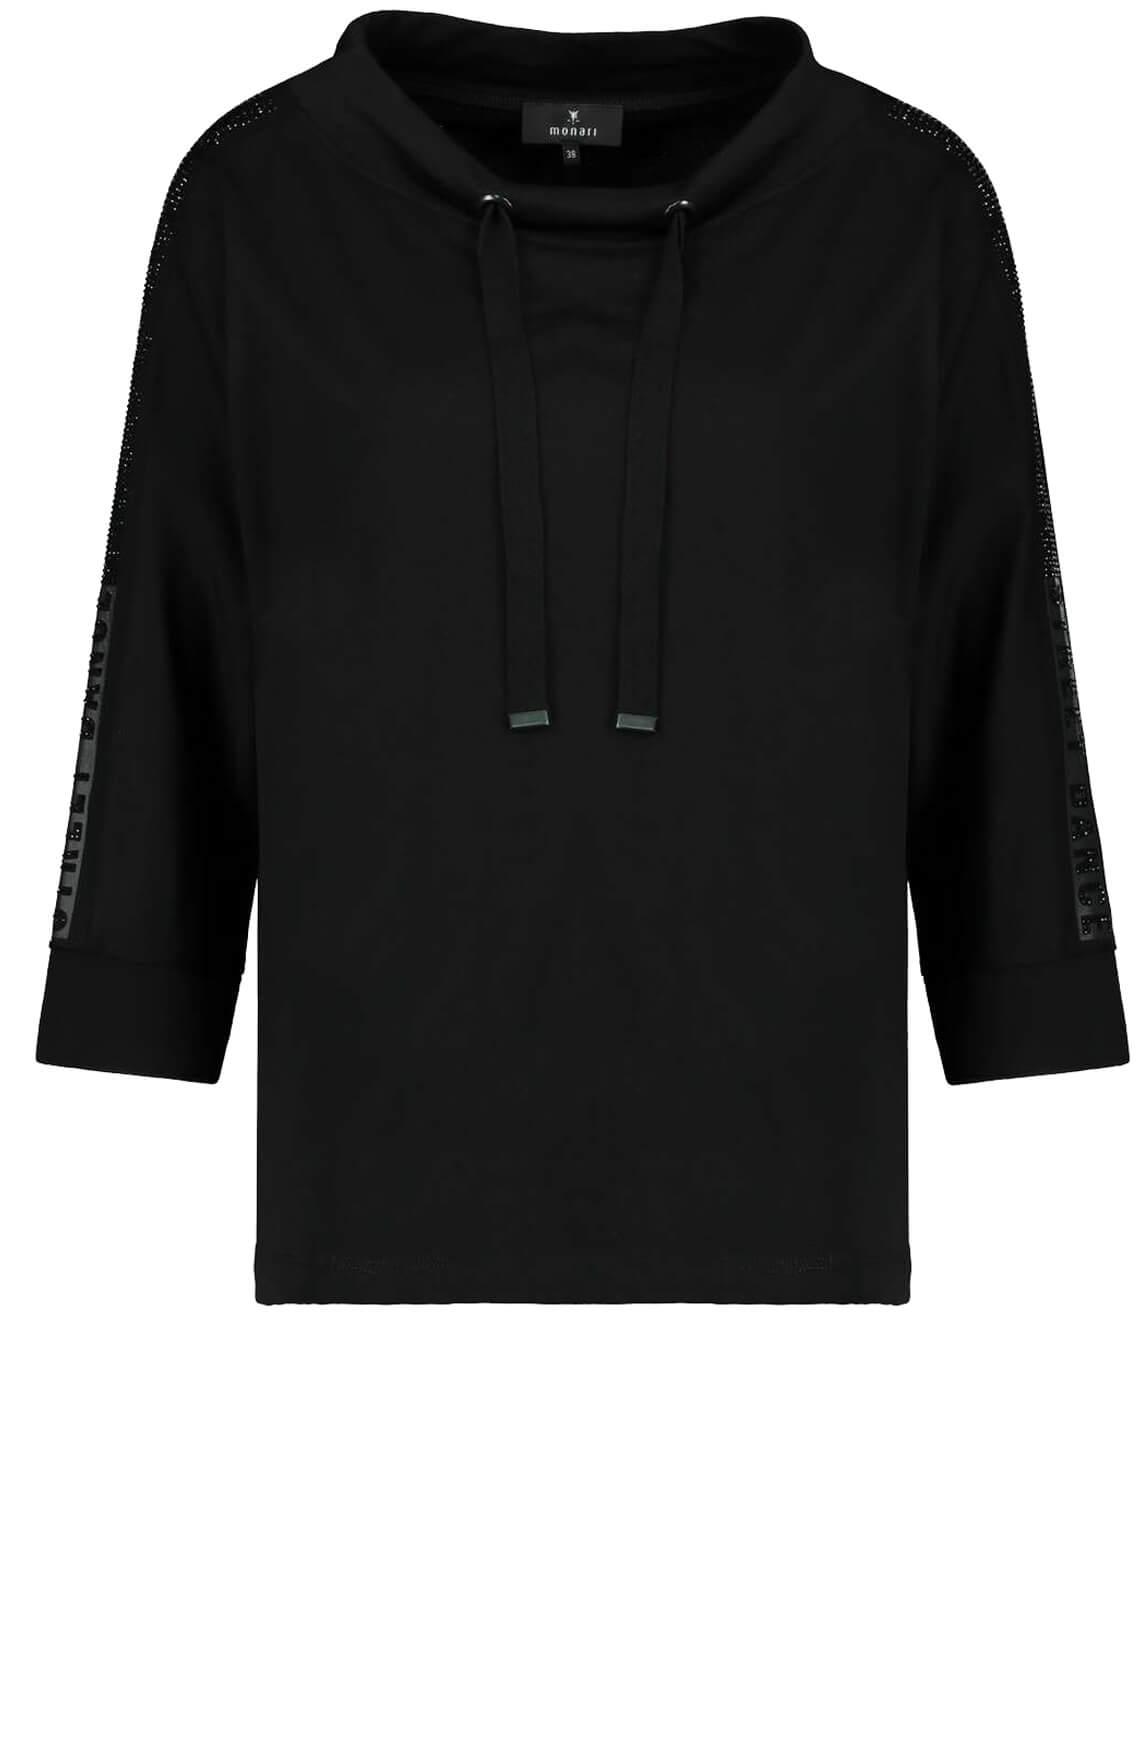 Monari Dames Sweater met studs zwart